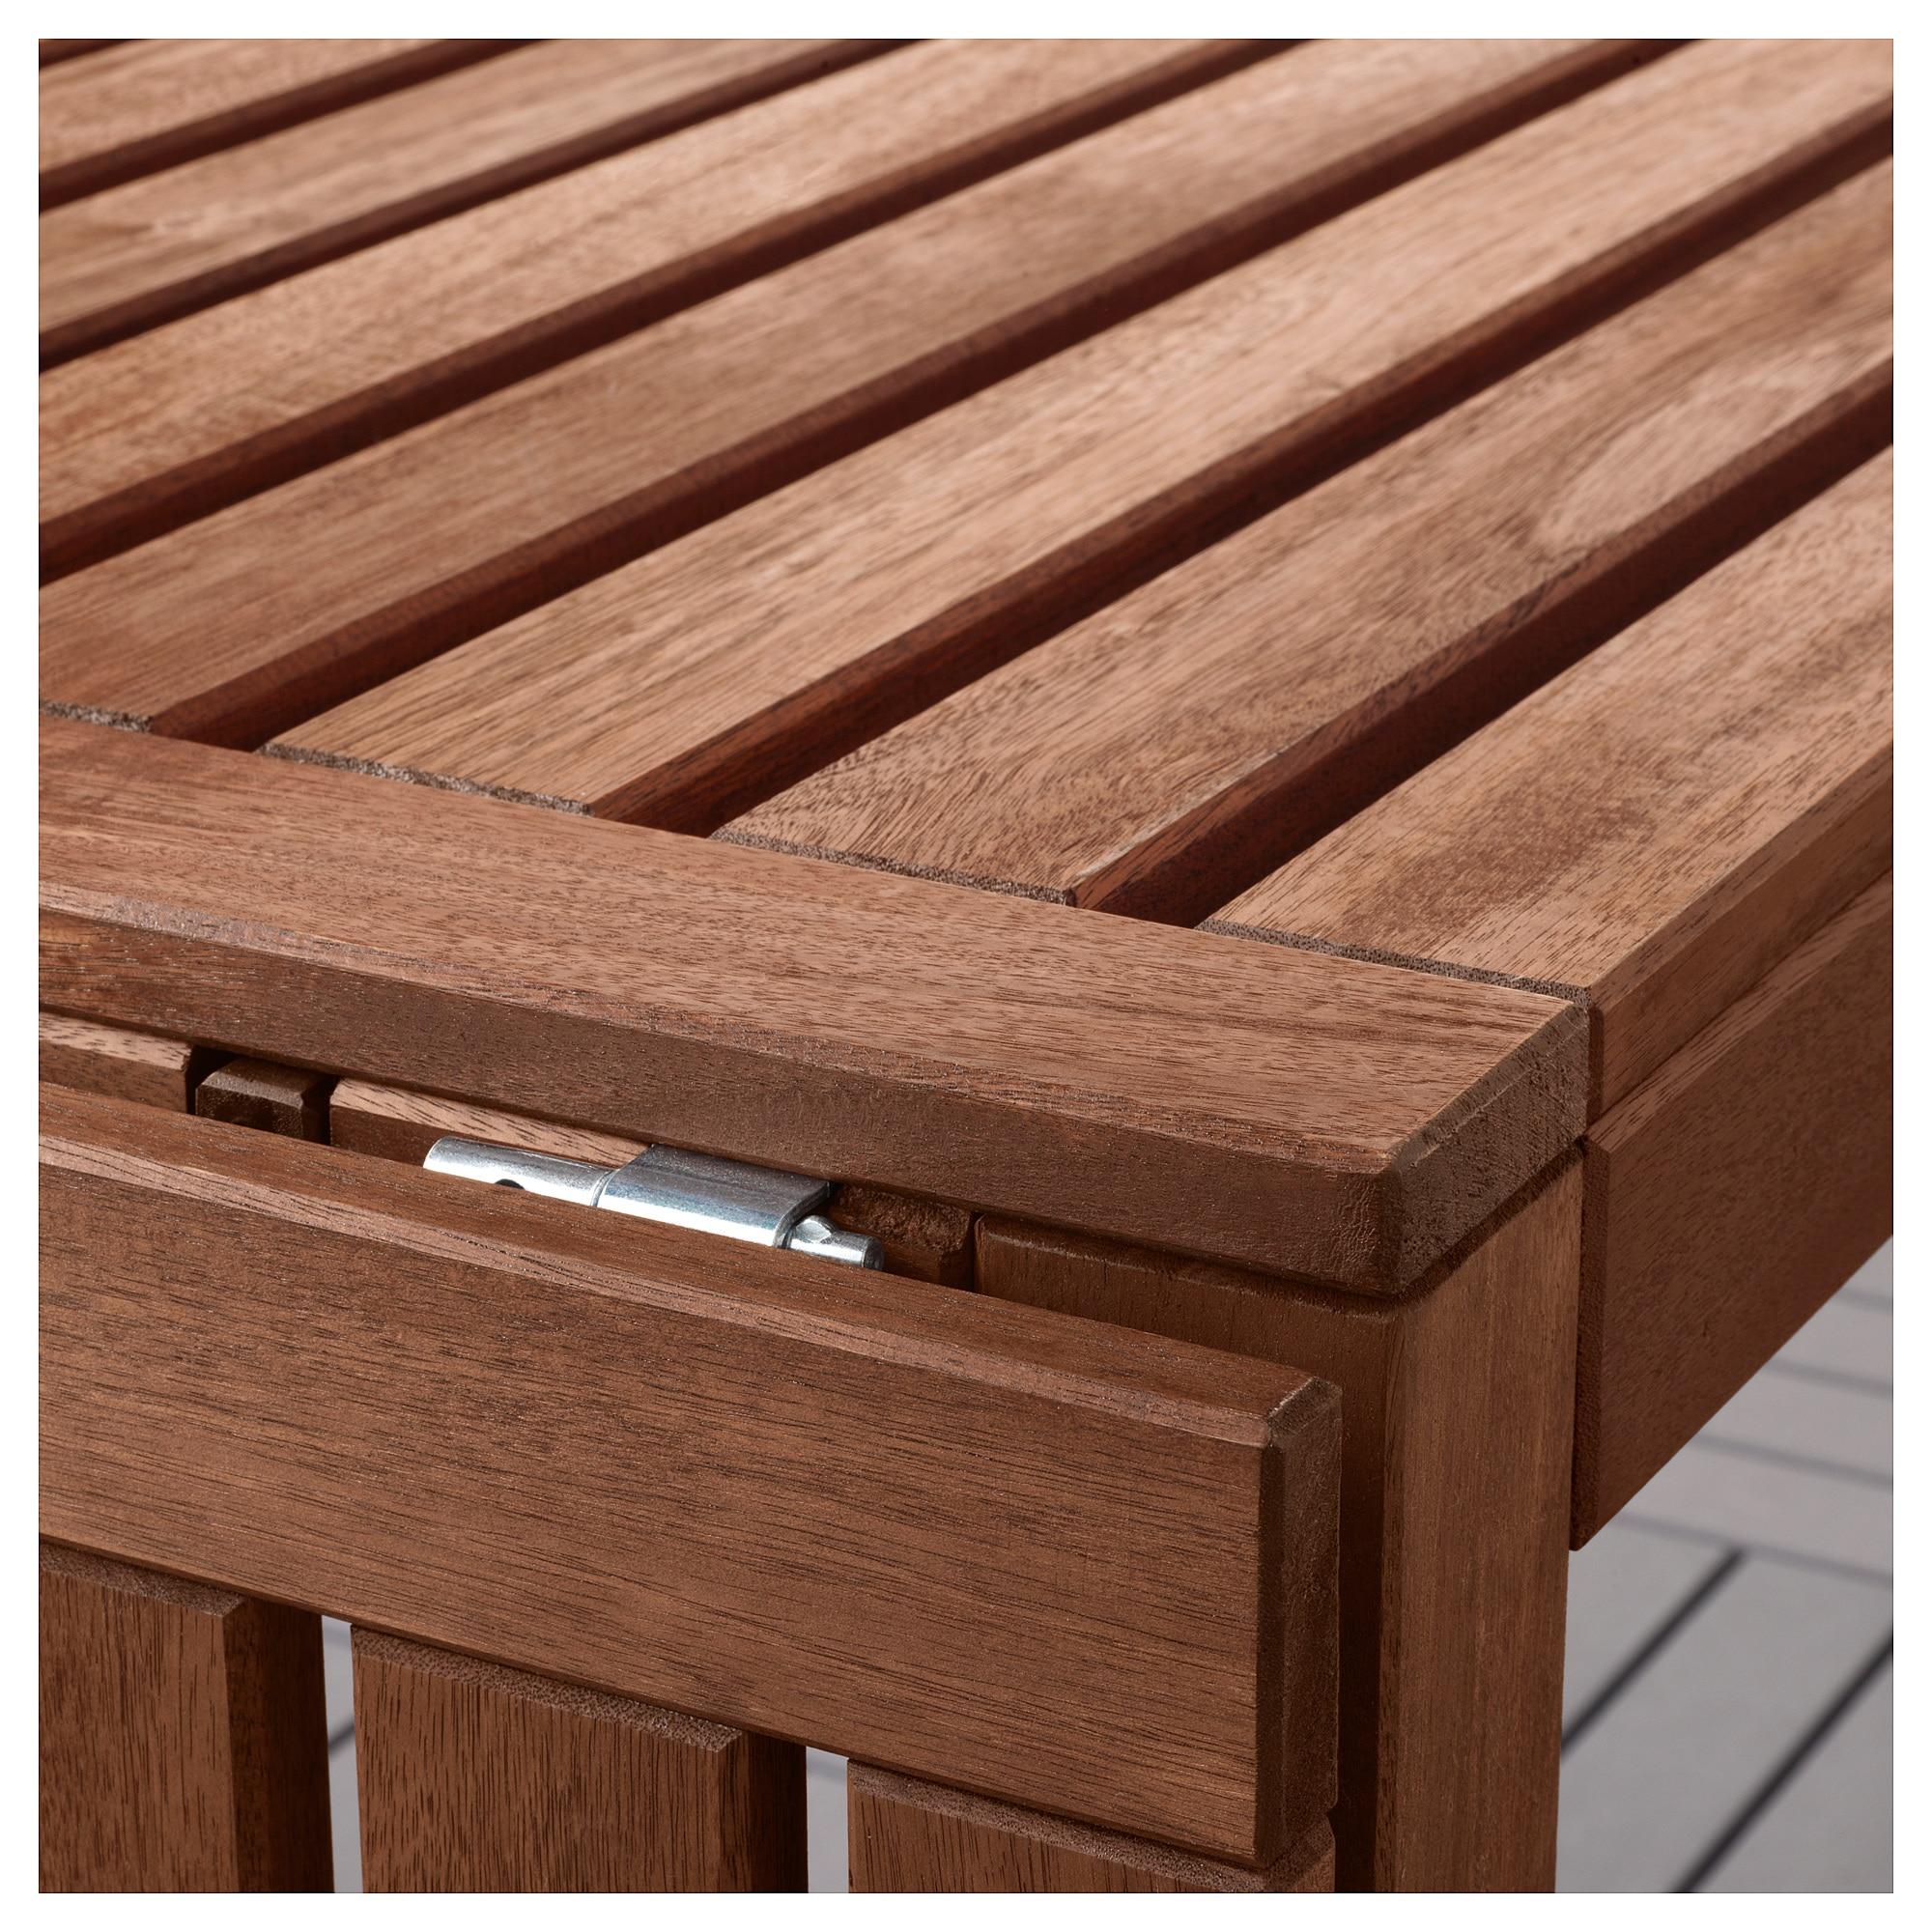 Стол + 4 кресла, для сада ЭПЛАРО бежевый артикуль № 692.289.44 в наличии. Интернет сайт IKEA РБ. Быстрая доставка и монтаж.